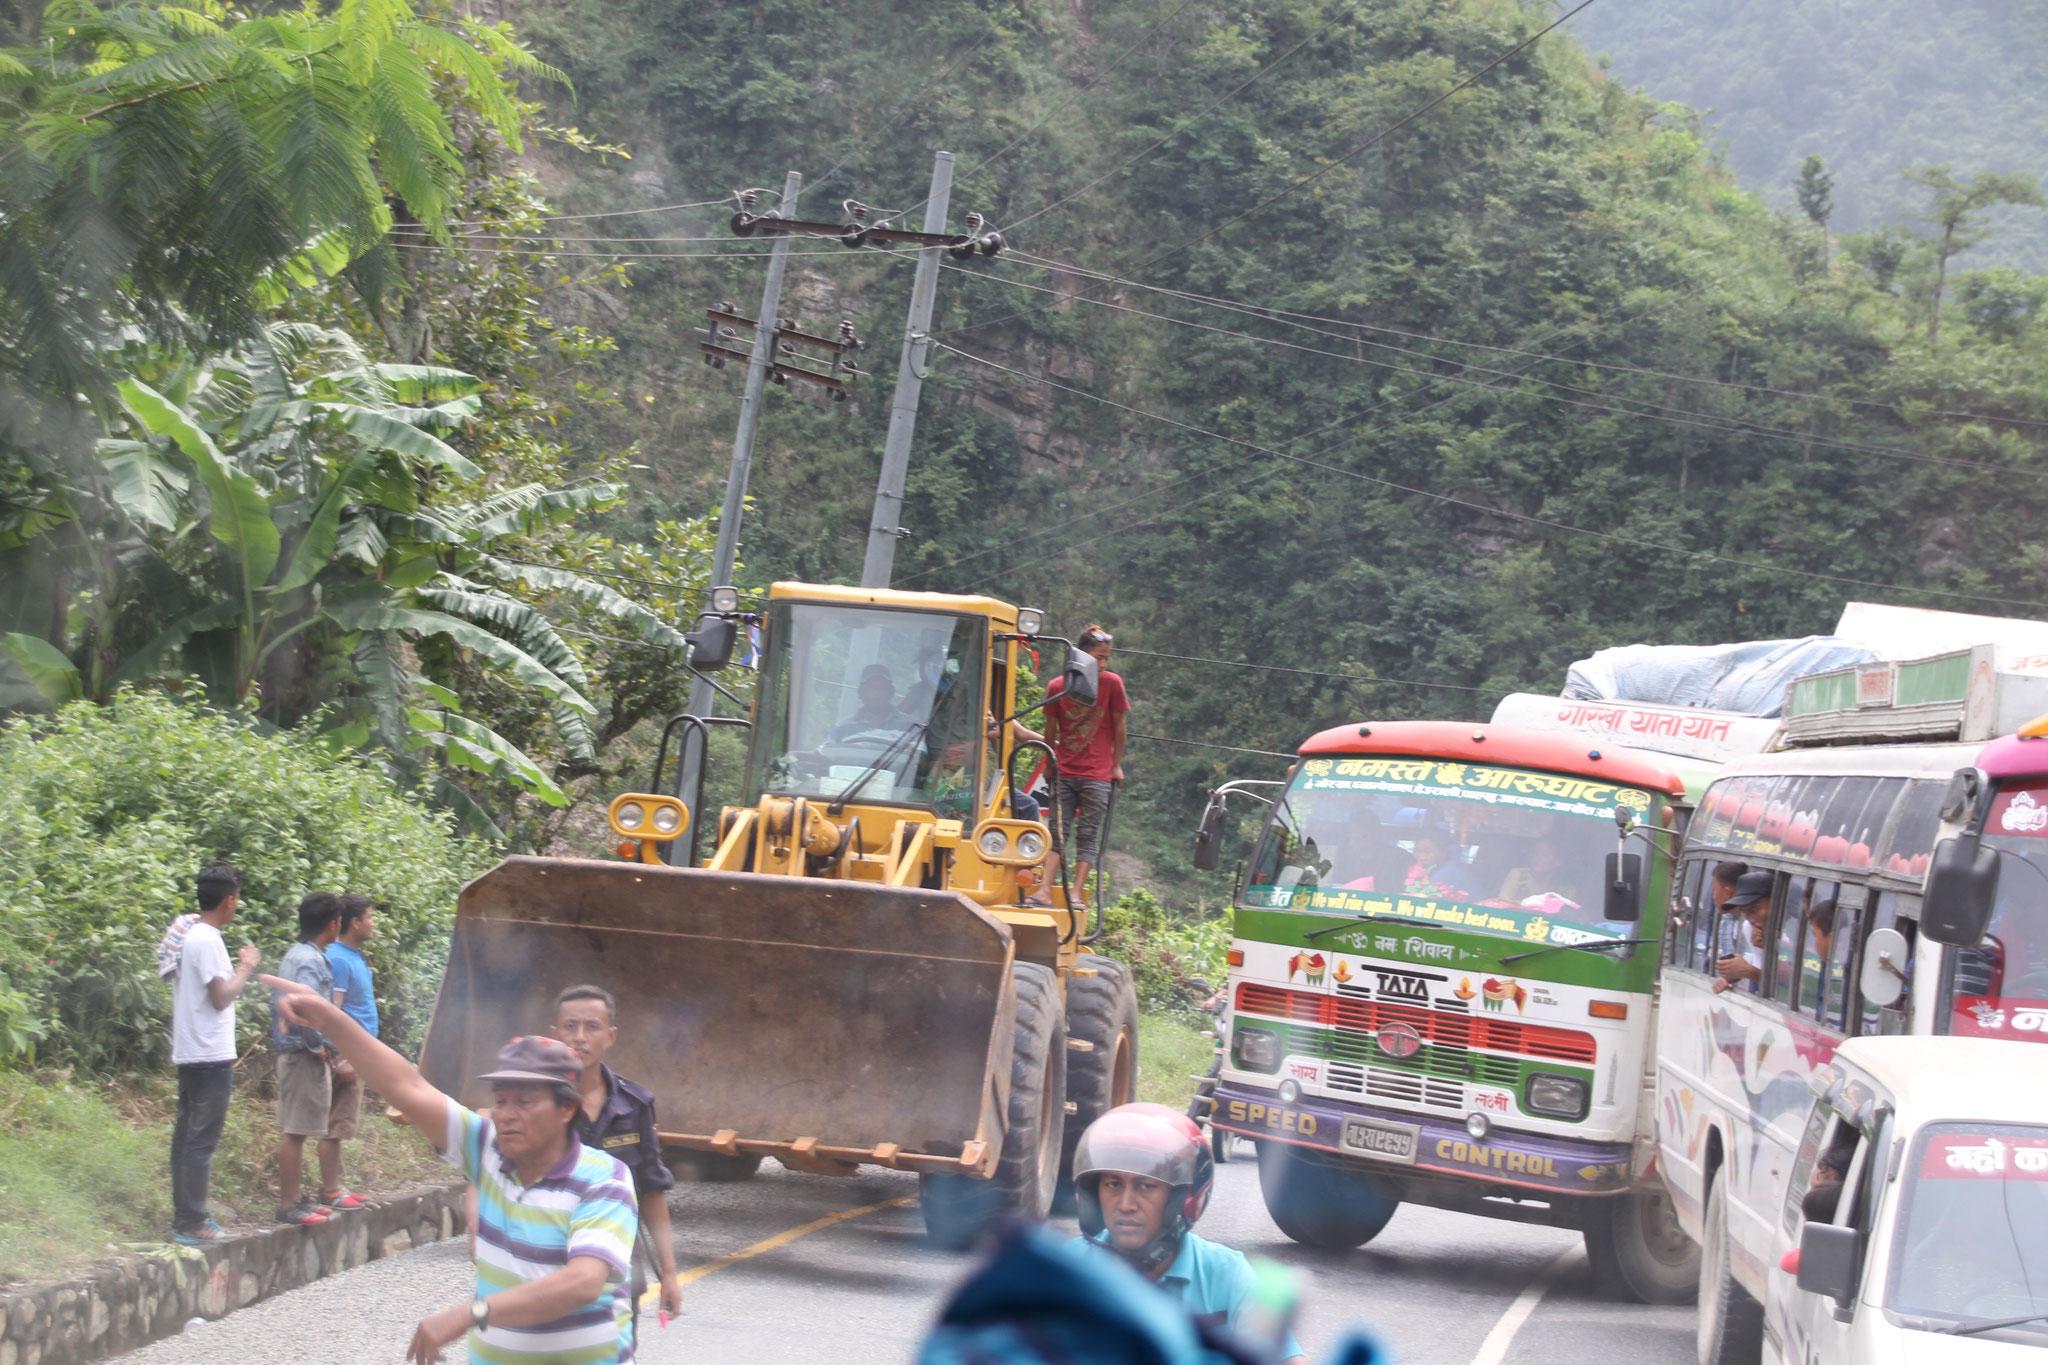 6 Stunden Verspätung wegen eines Erdrutsches